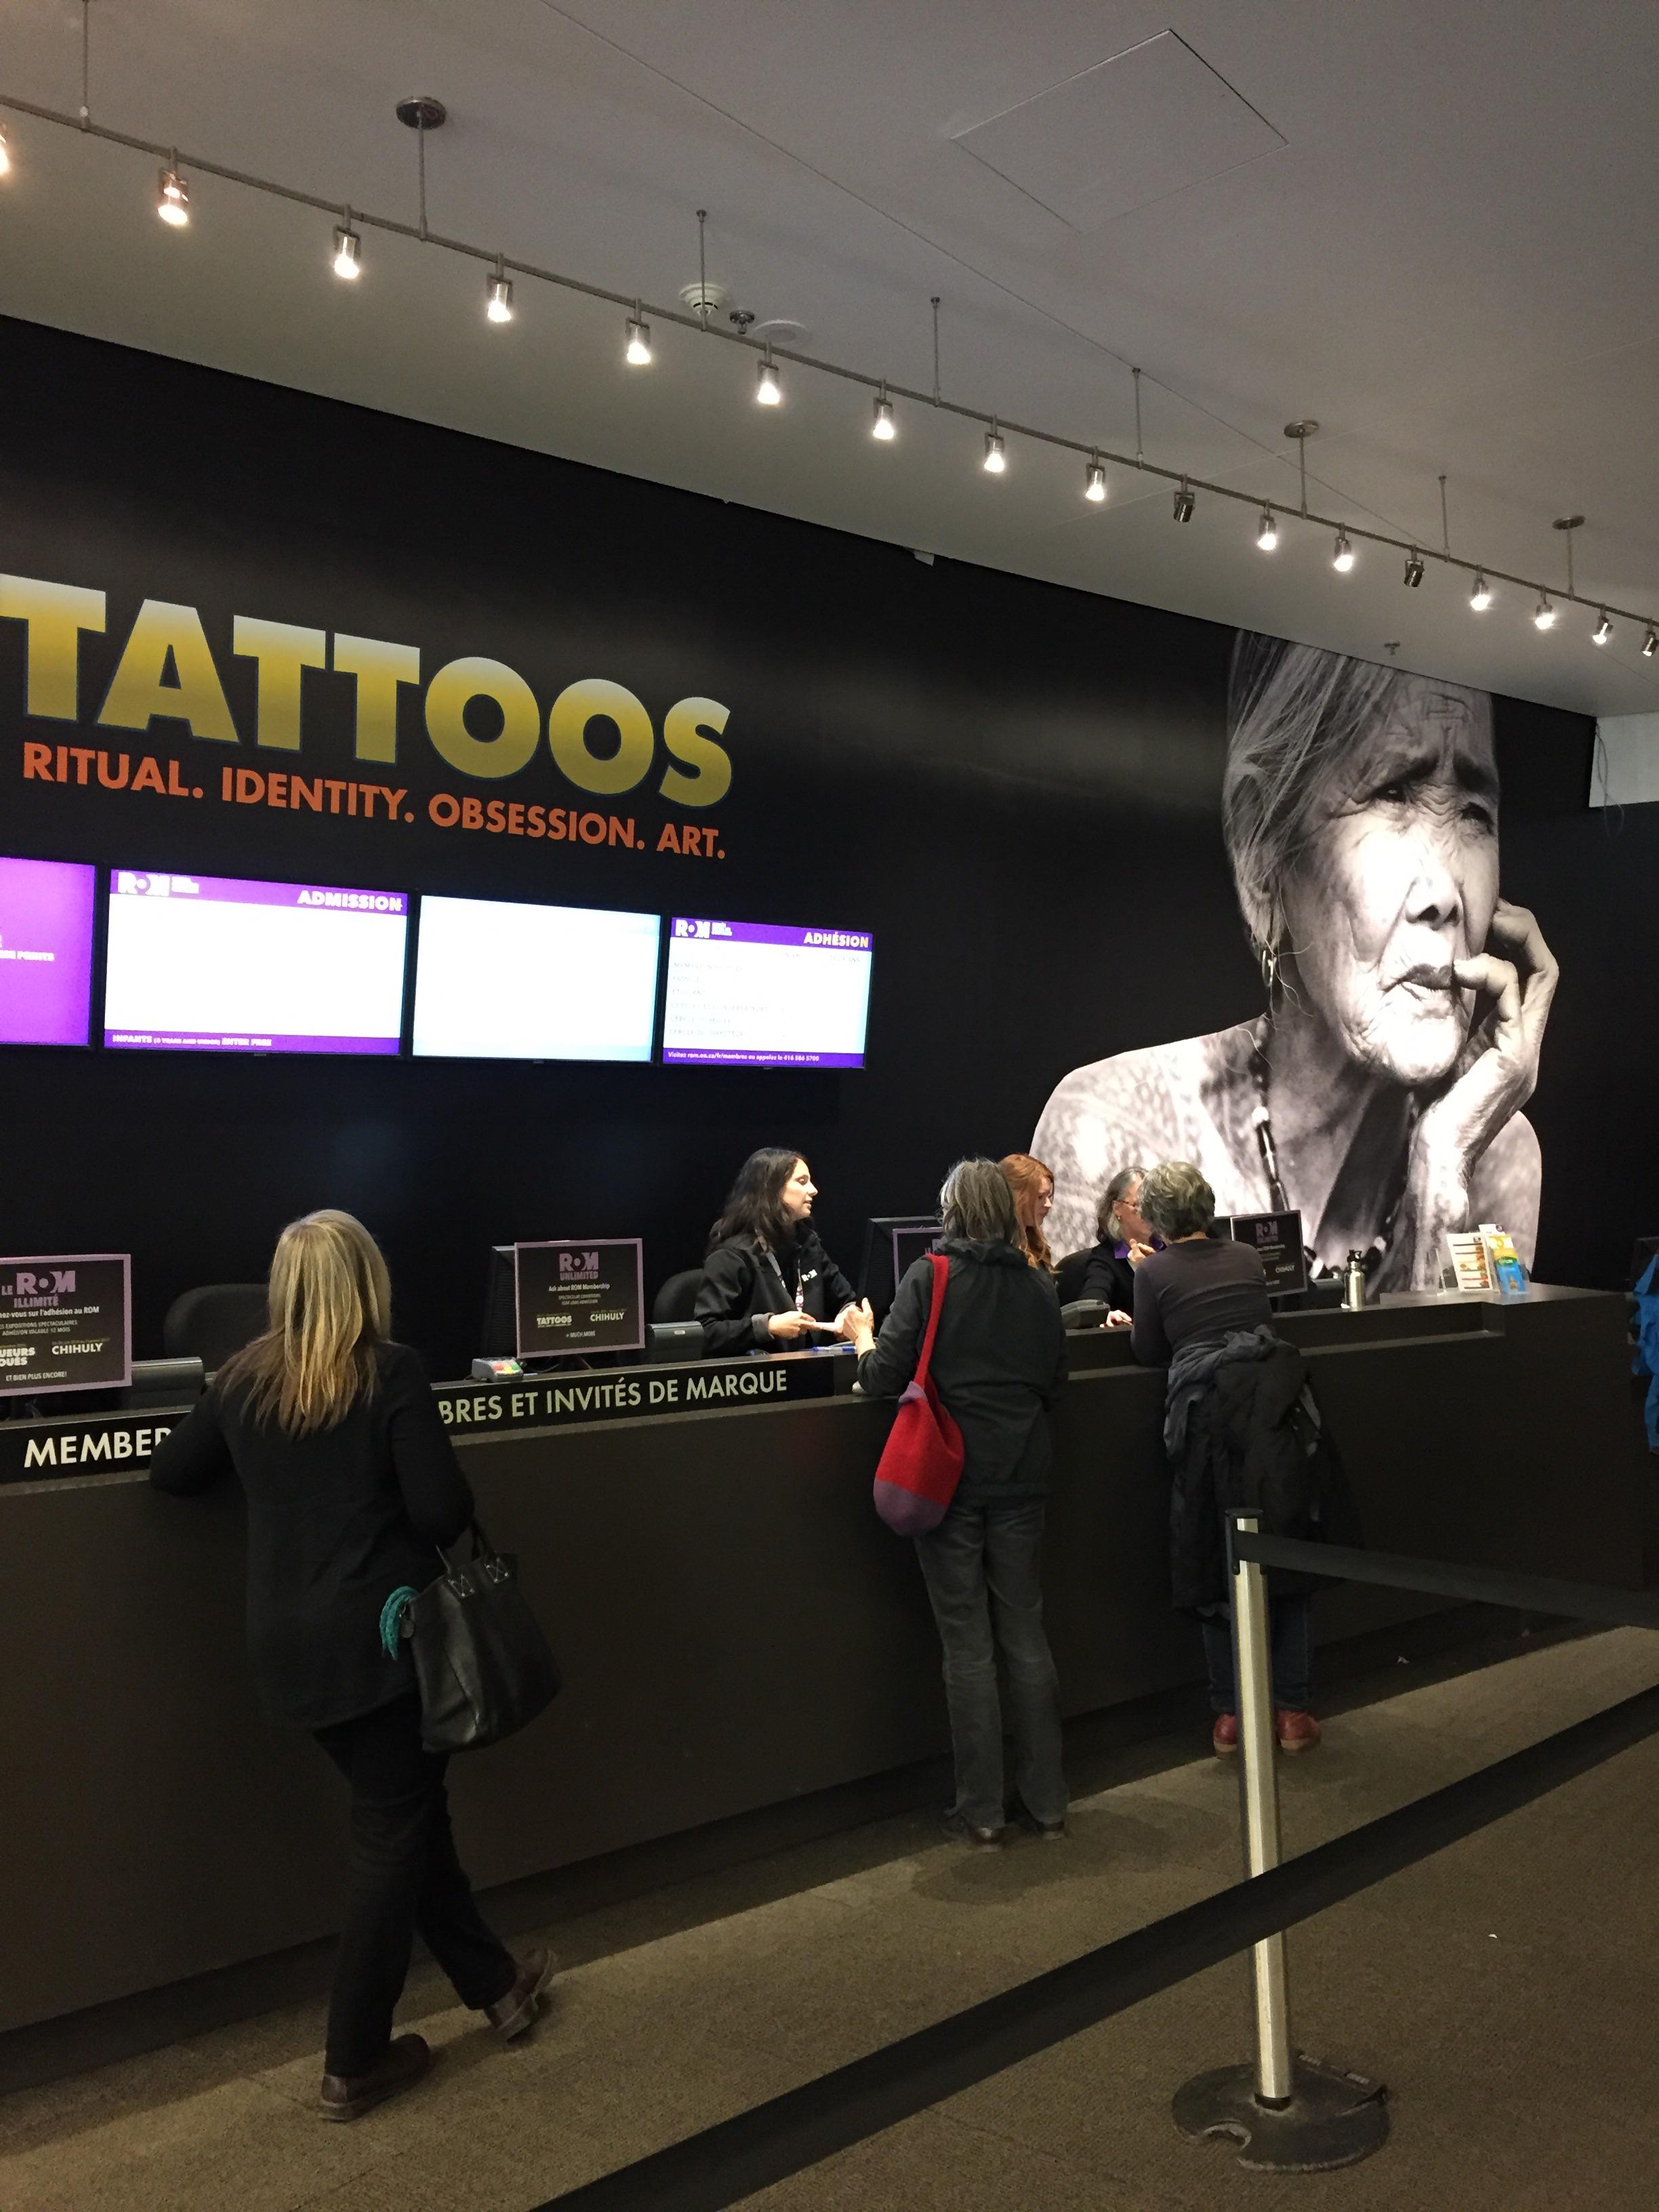 image 38 Другая SOVA ROM, tatoo, выставка, идентификация, искусство, Марк Джейкобс, одержимость, ритуал, тату, татуировк, Тин-Тин